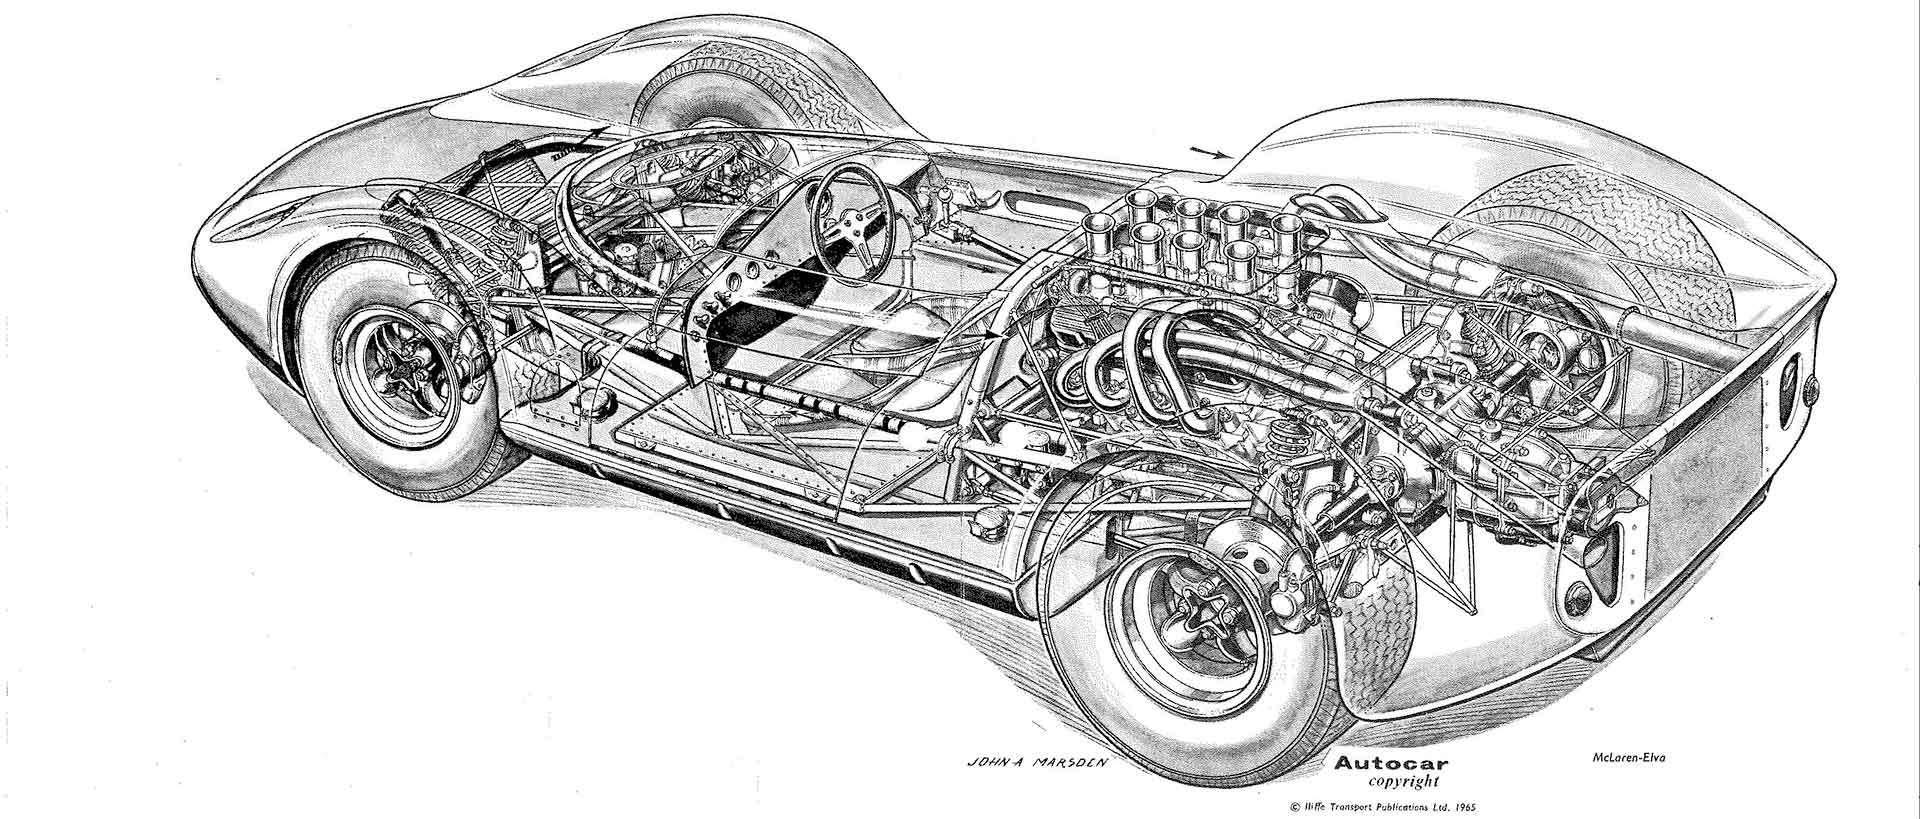 Mẫu xe truyền cảm hứng cho siêu xe nhẹ nhất 'nhà' McLaren - Elva 2020